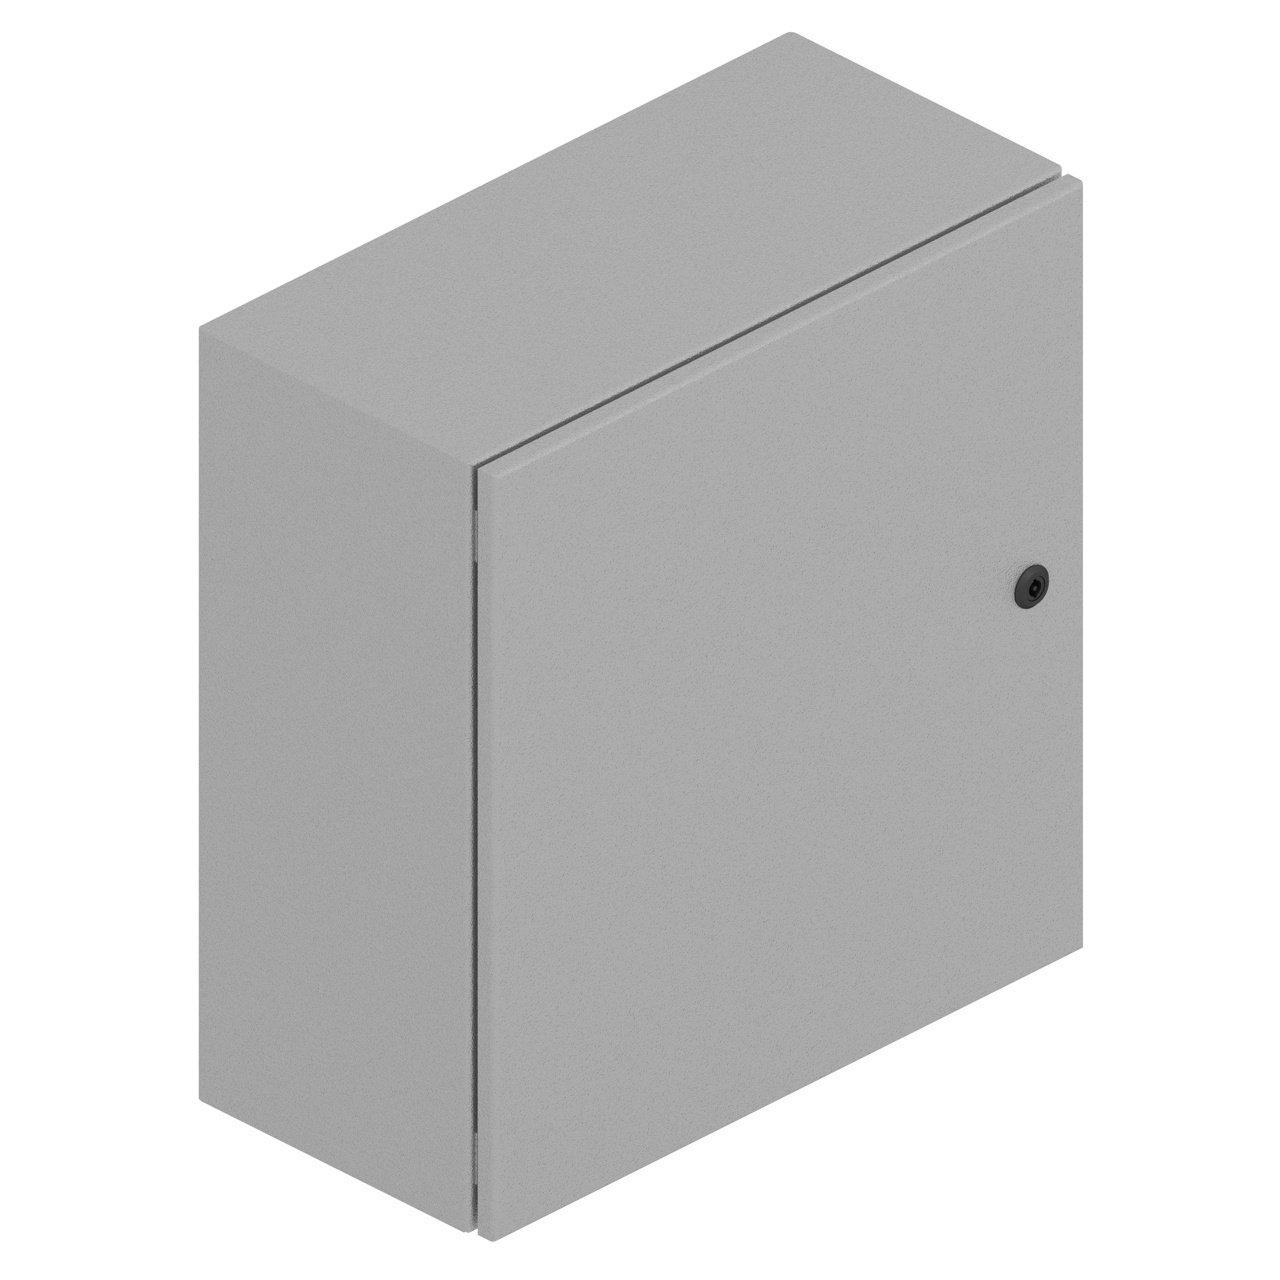 RIO-N one door 1500x300x1000 mm